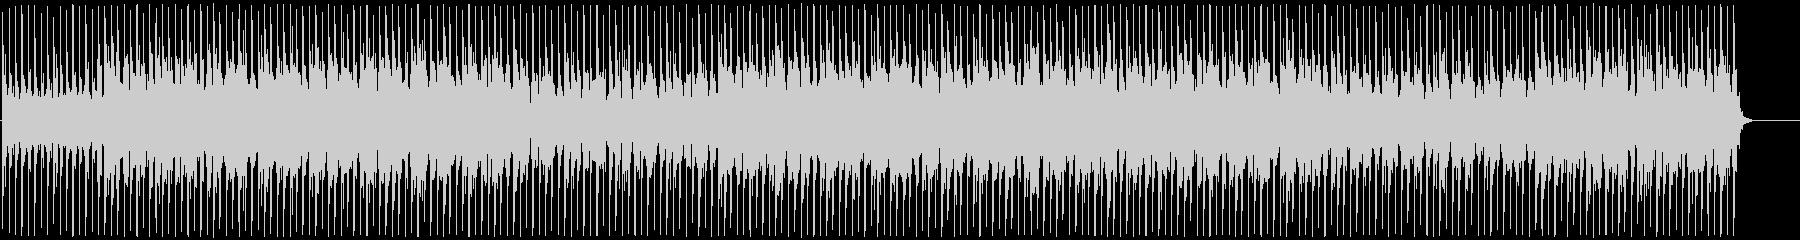 奇怪でエレクトリックなBGMの未再生の波形